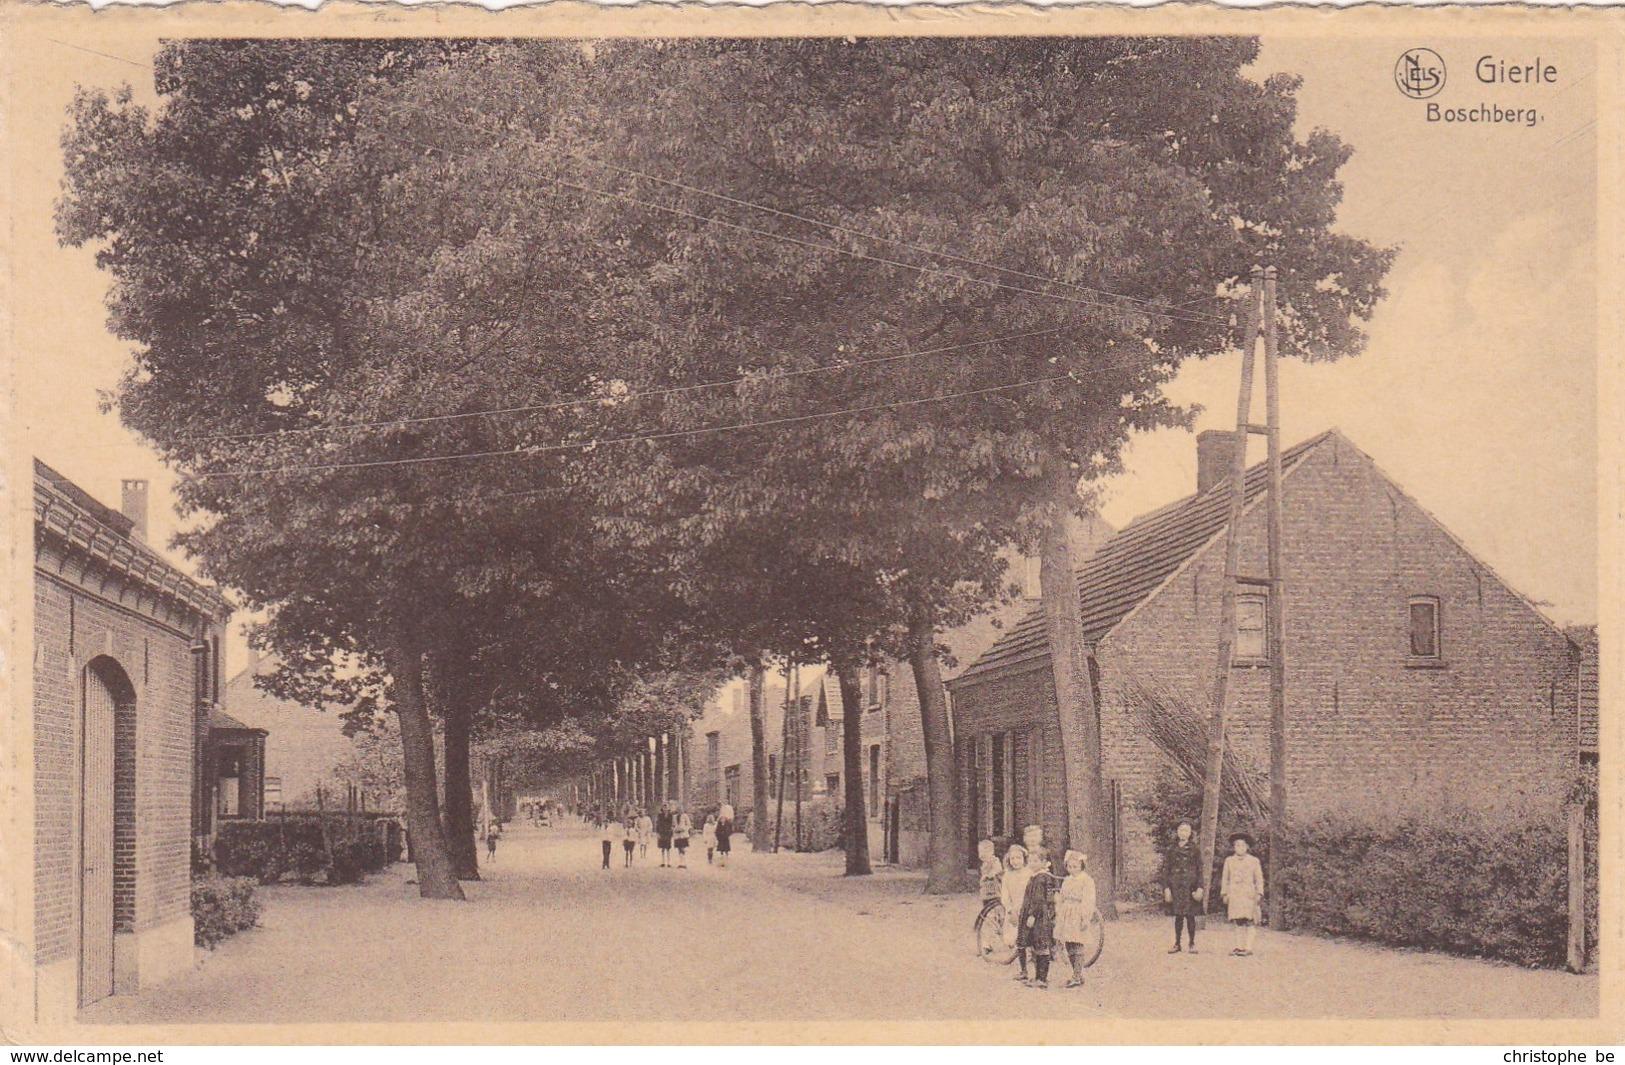 Gierle, Boschberg (pk47000) - Lille